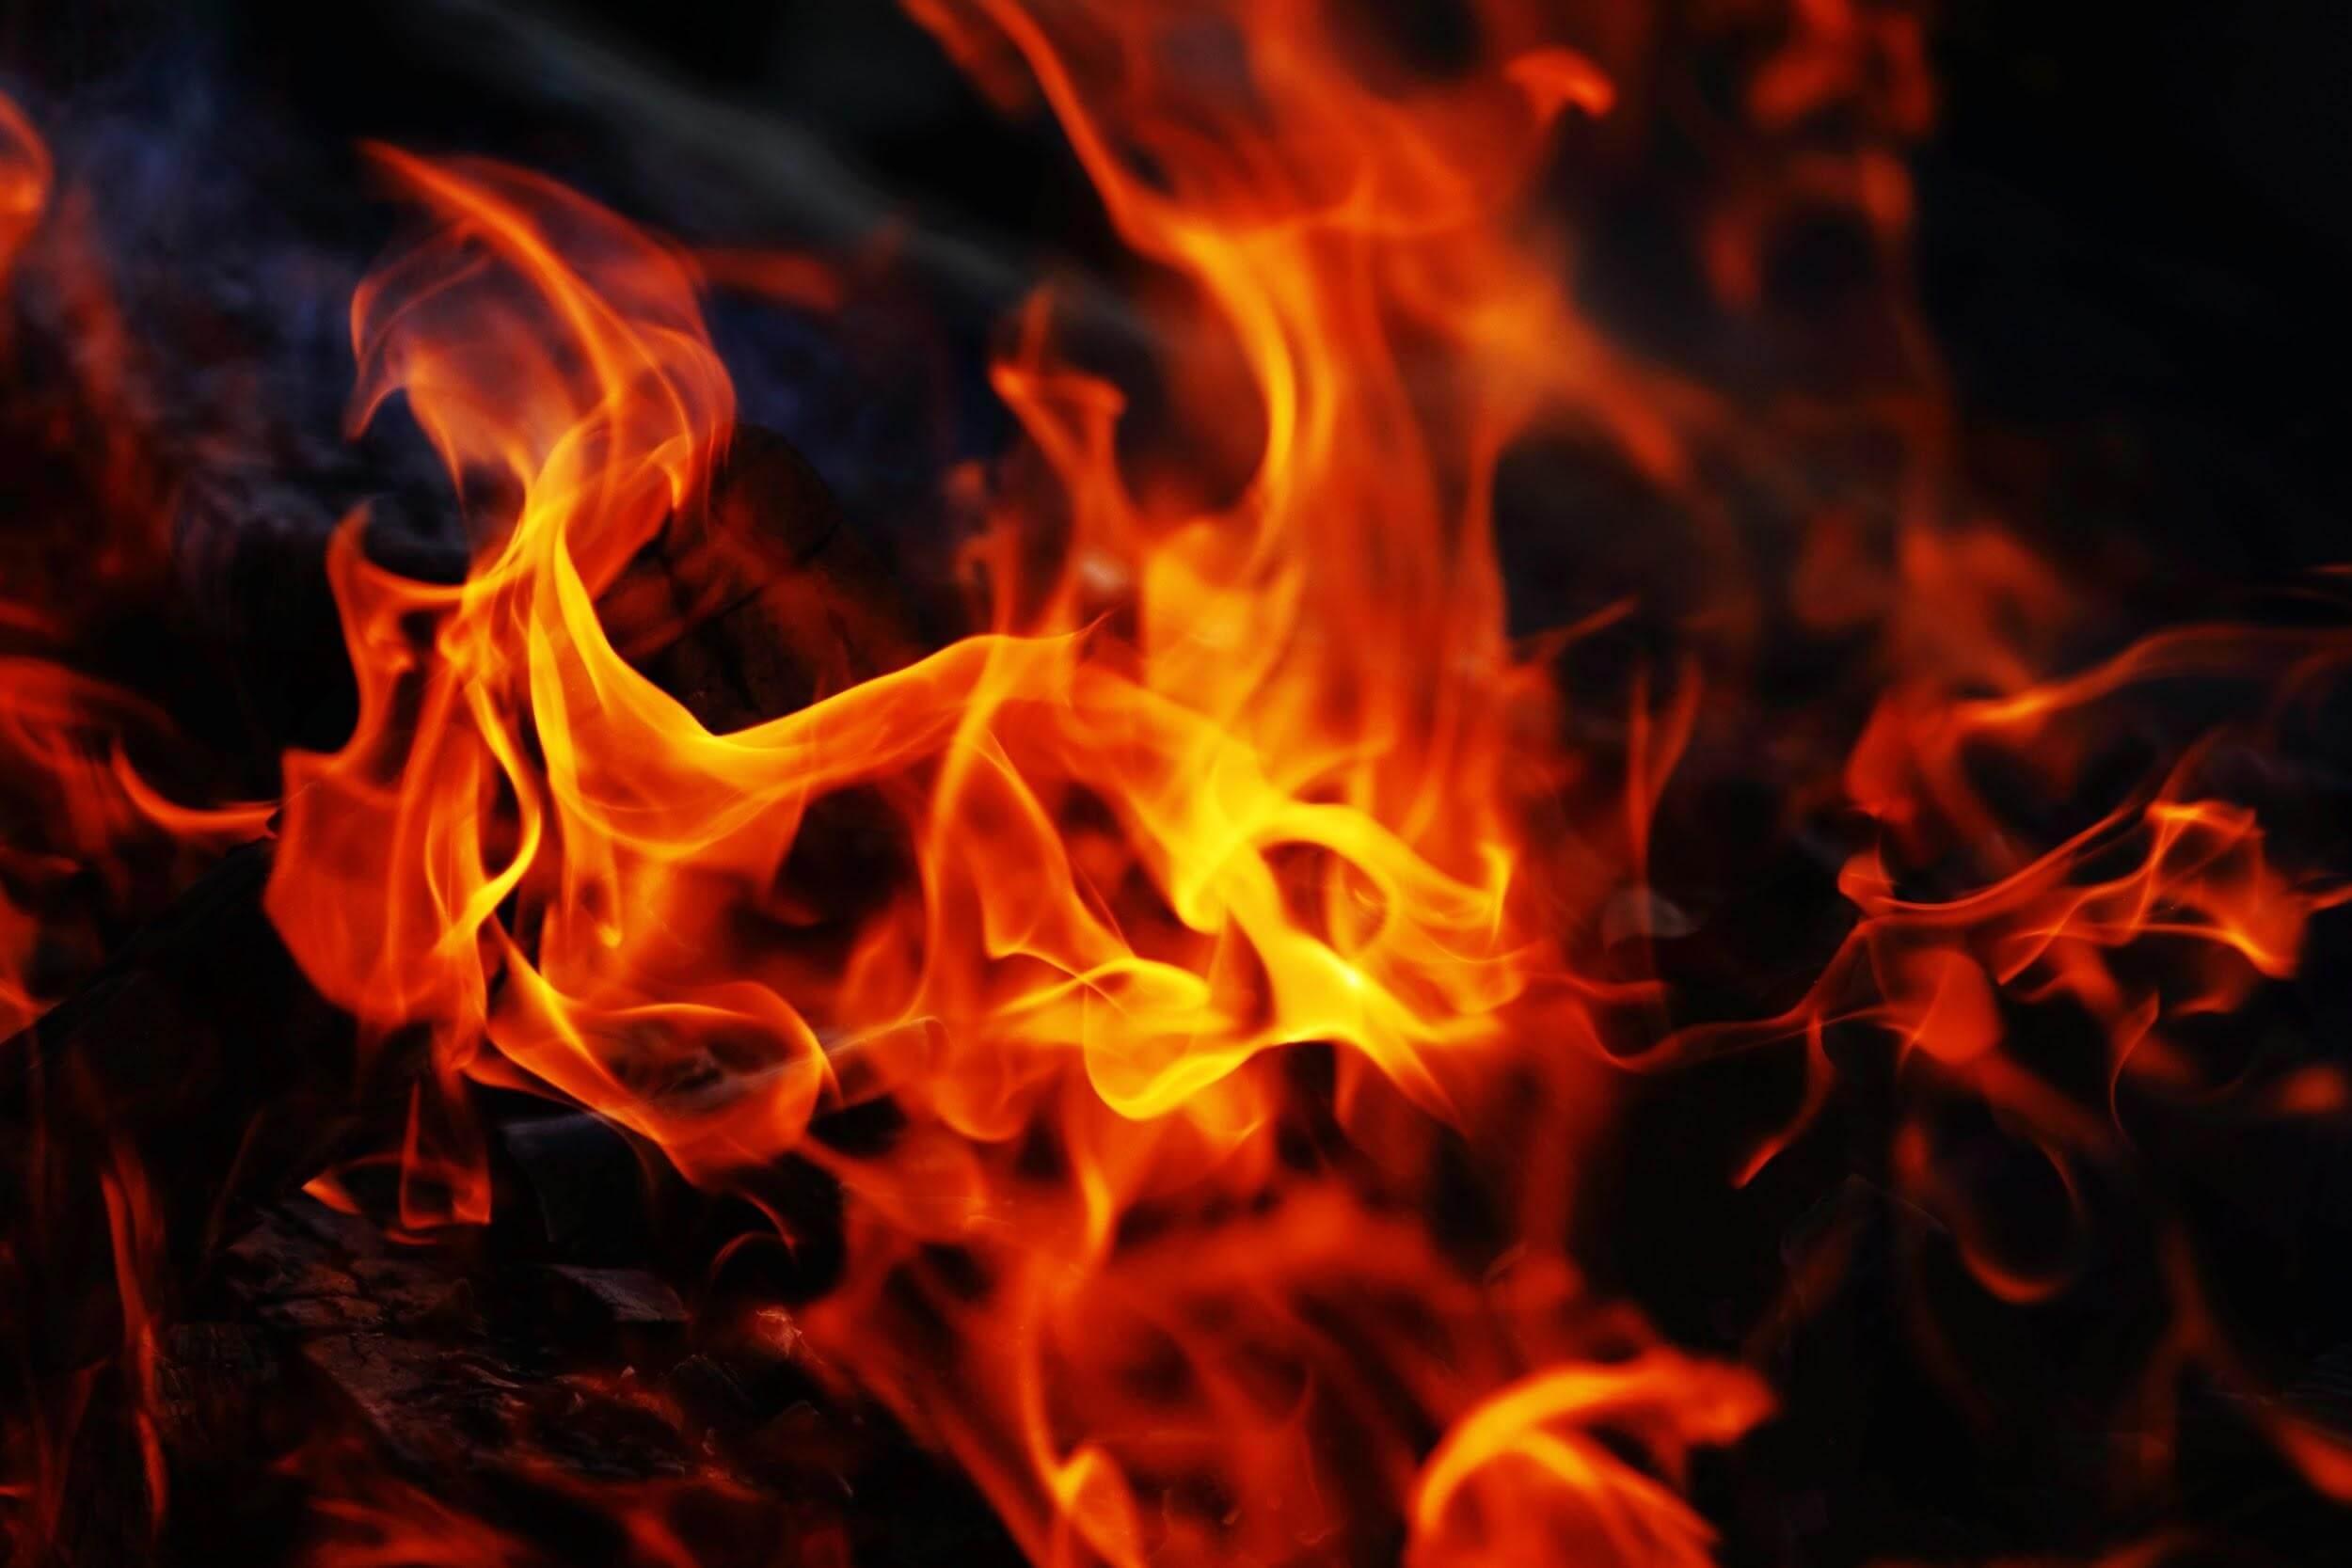 火災保険を使ってシミを格安で消す